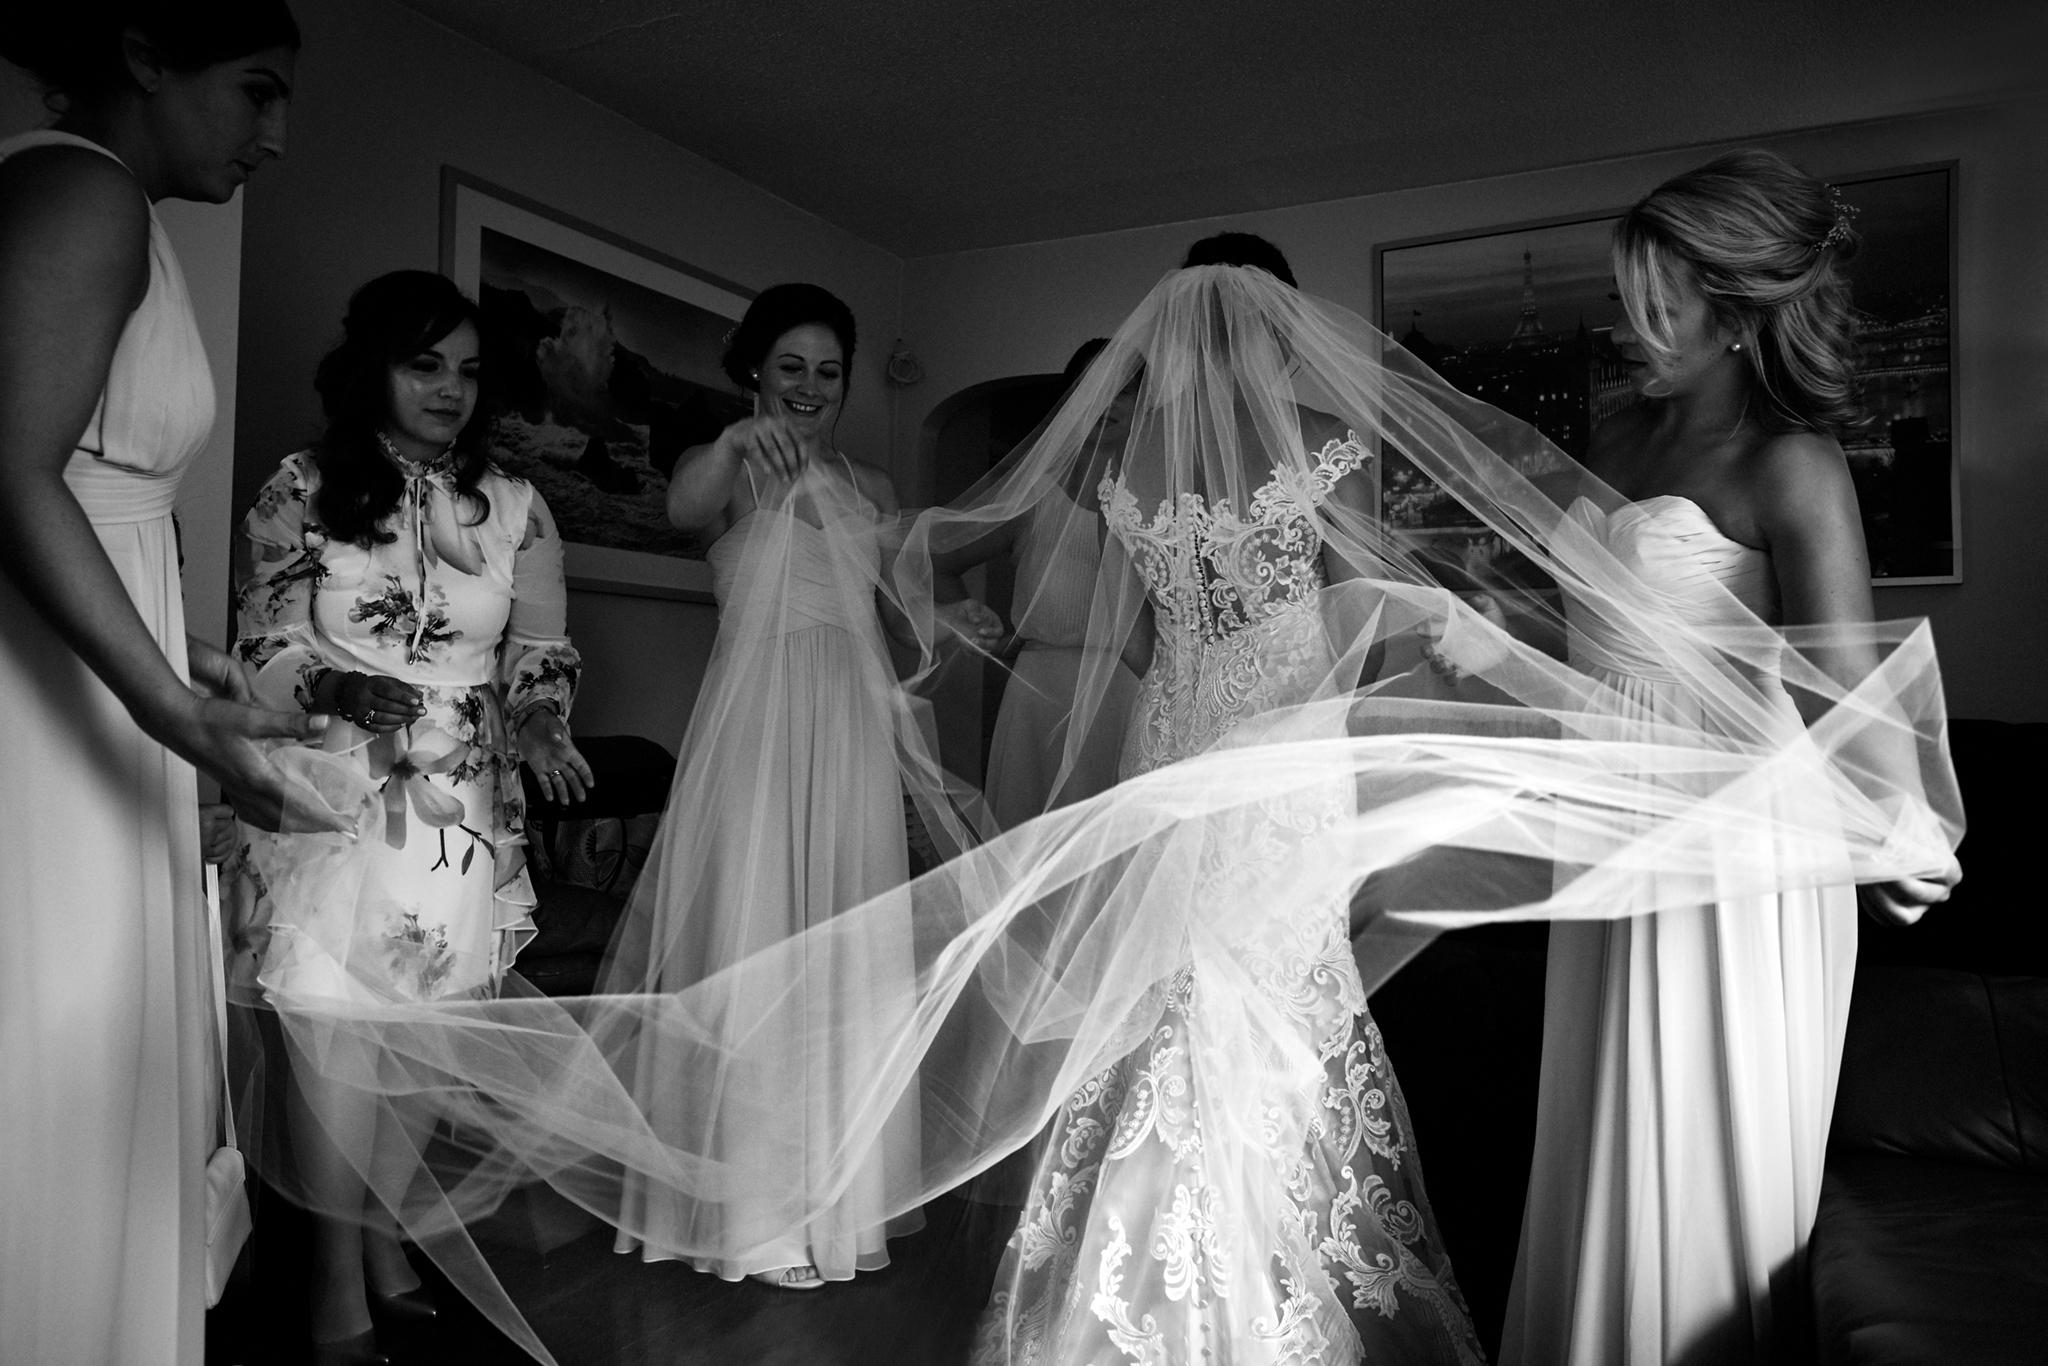 Vancouver wedding, Bride wedding dress